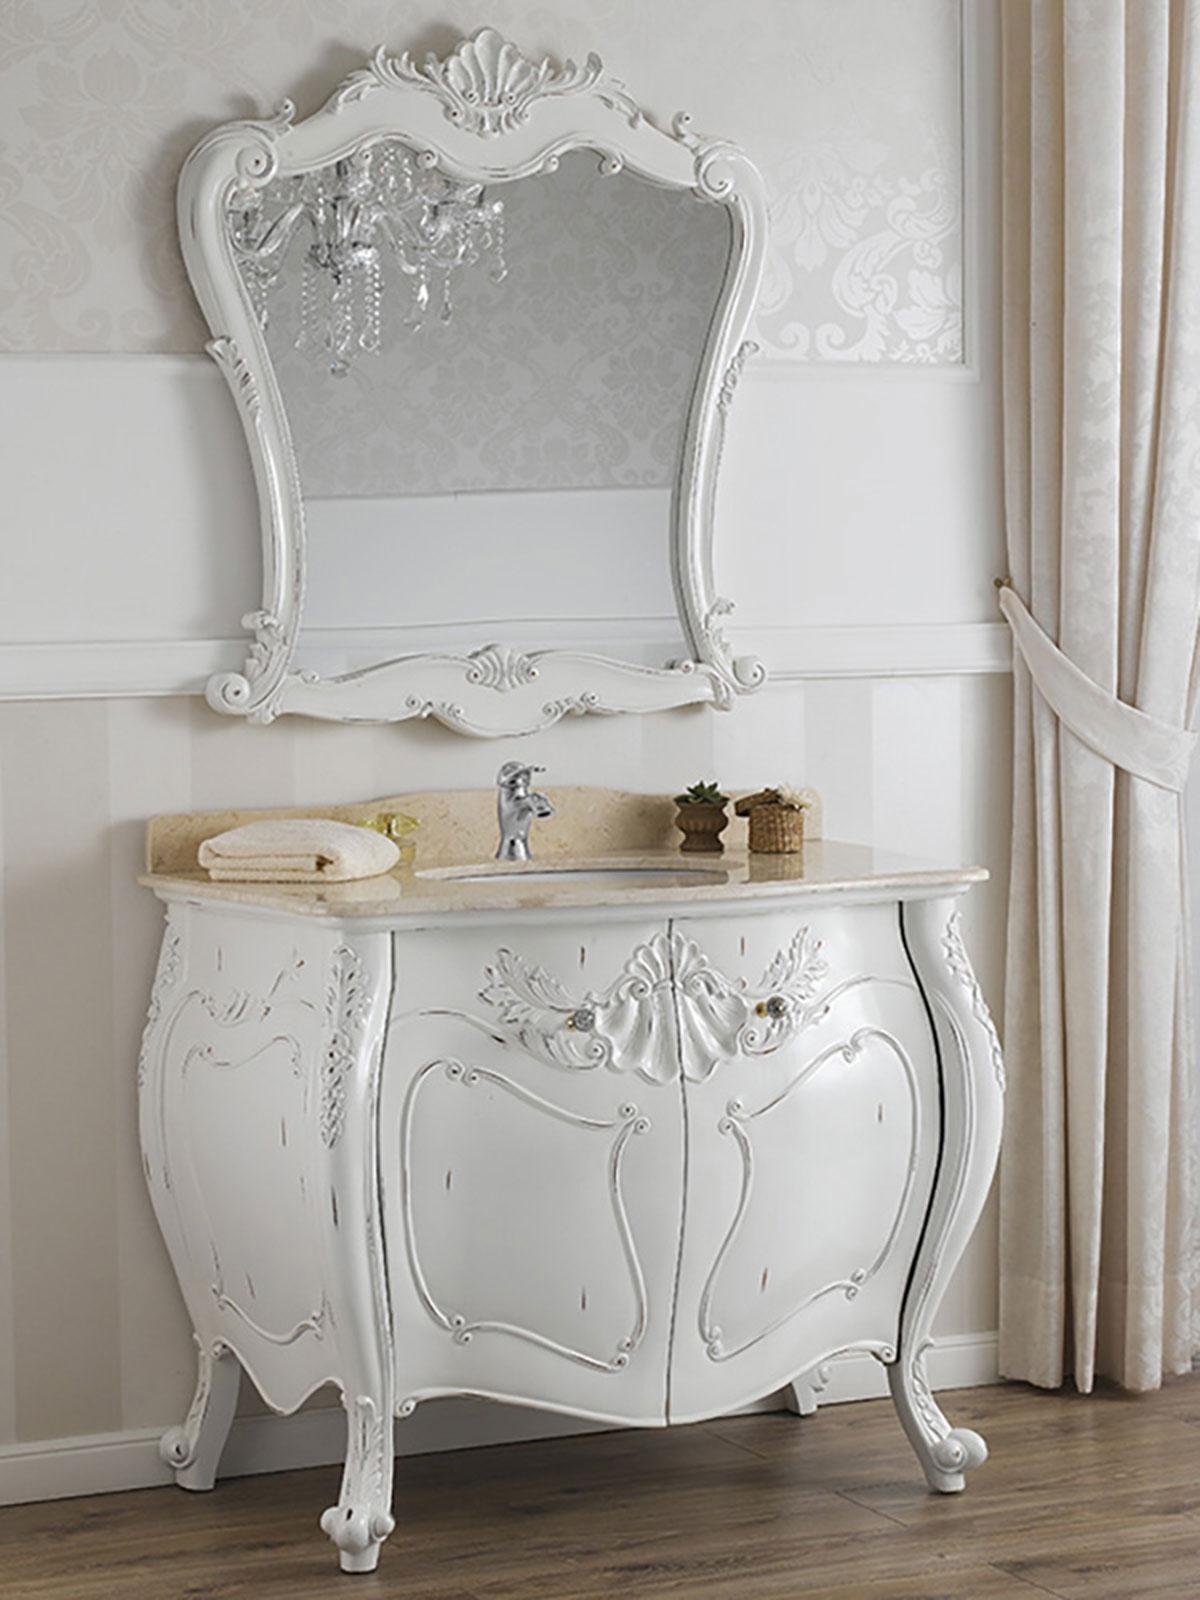 details sur meuble salle de bain avec miroir anderson style shabby chic bombe blanc vieilli